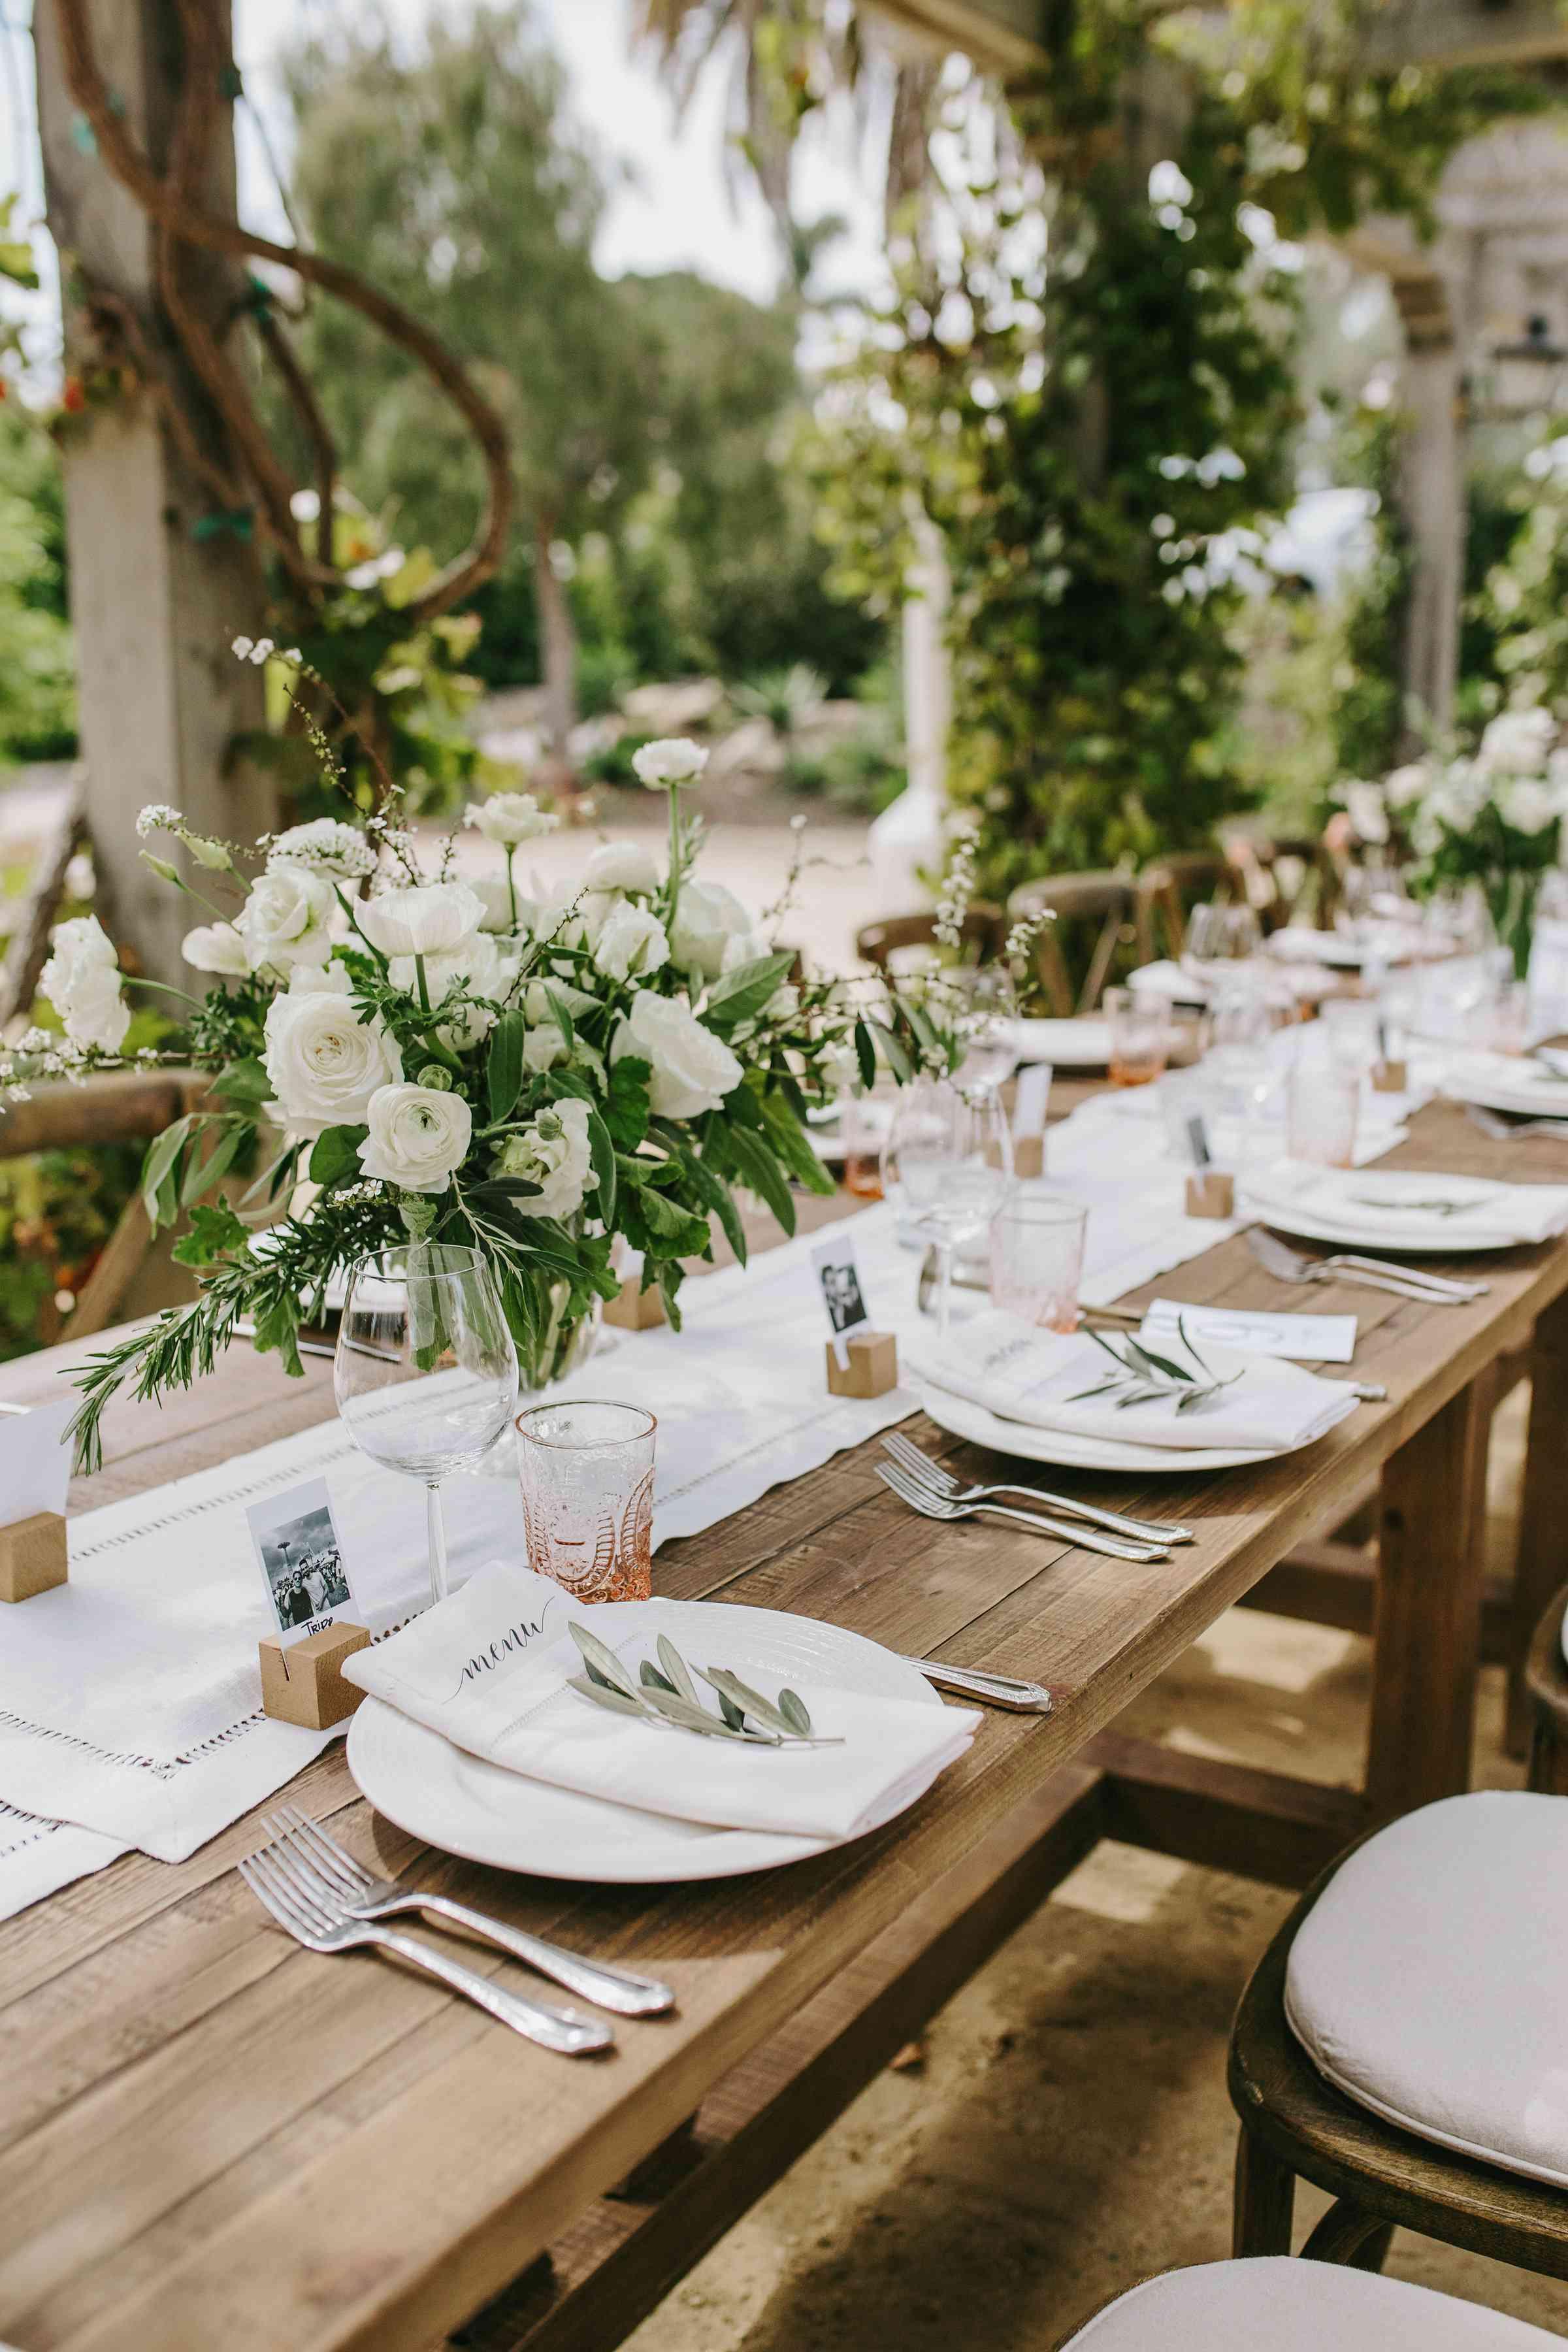 <p>tablescape photo place settings floral centerpieces</p><br><br>